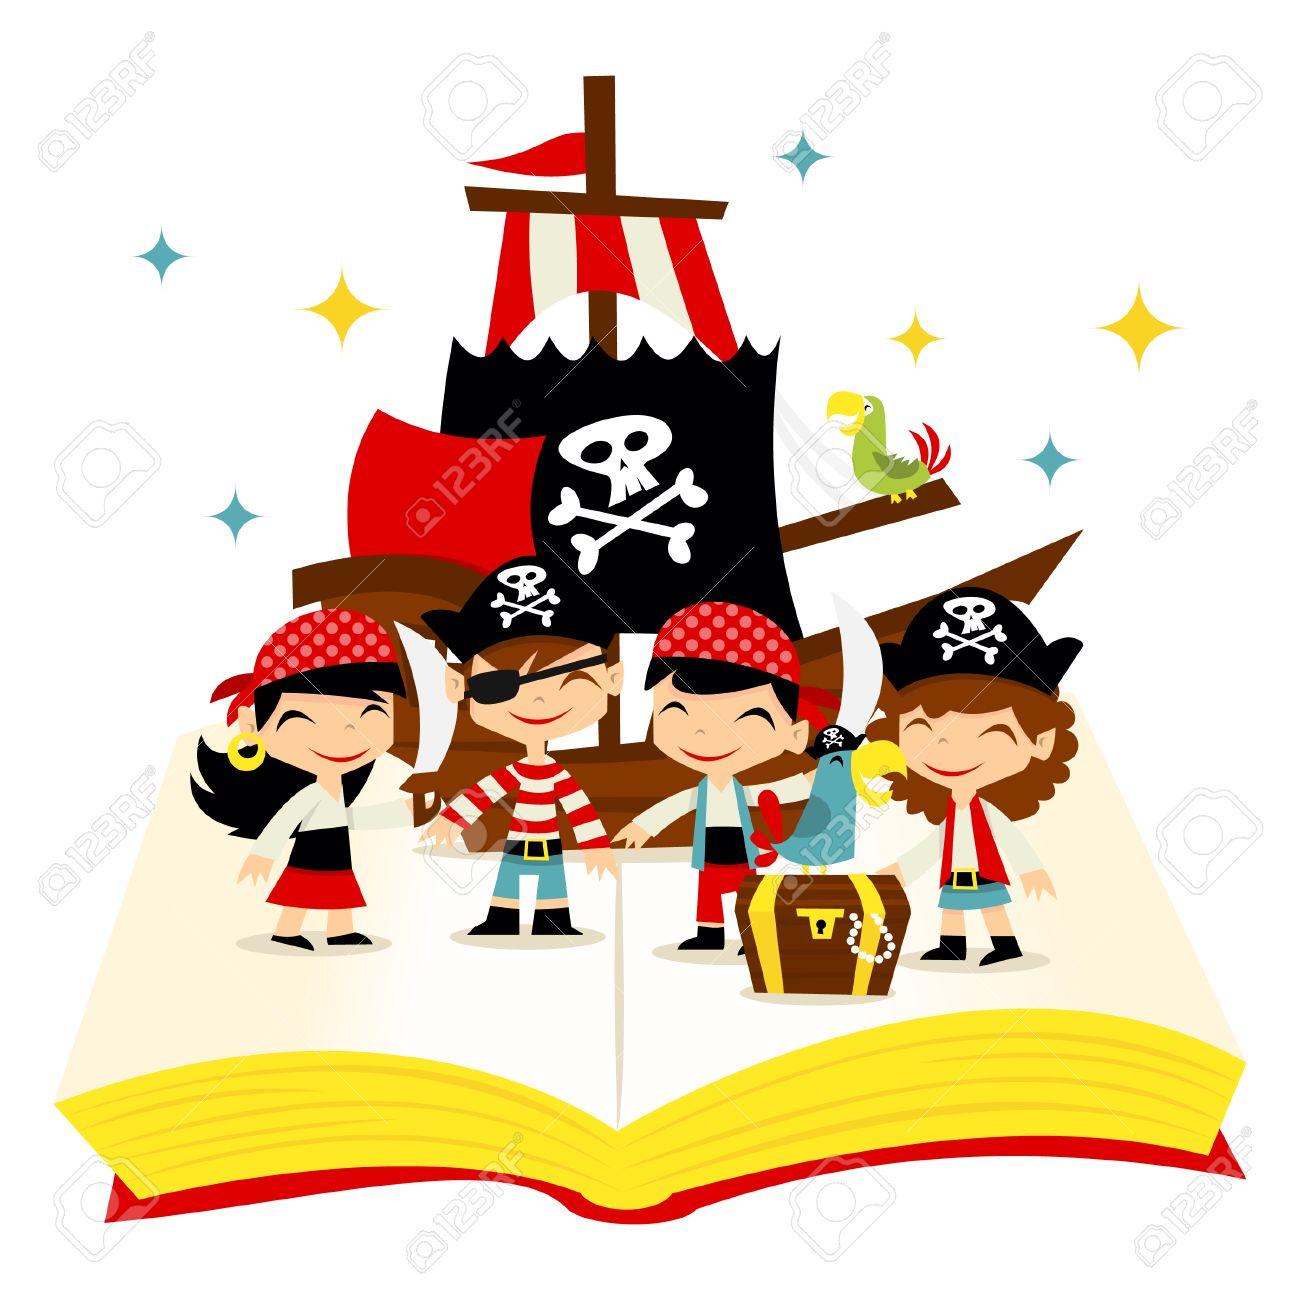 漫画イラストかわいい気まぐれな物語の本は宝物海賊船と海賊少年海賊